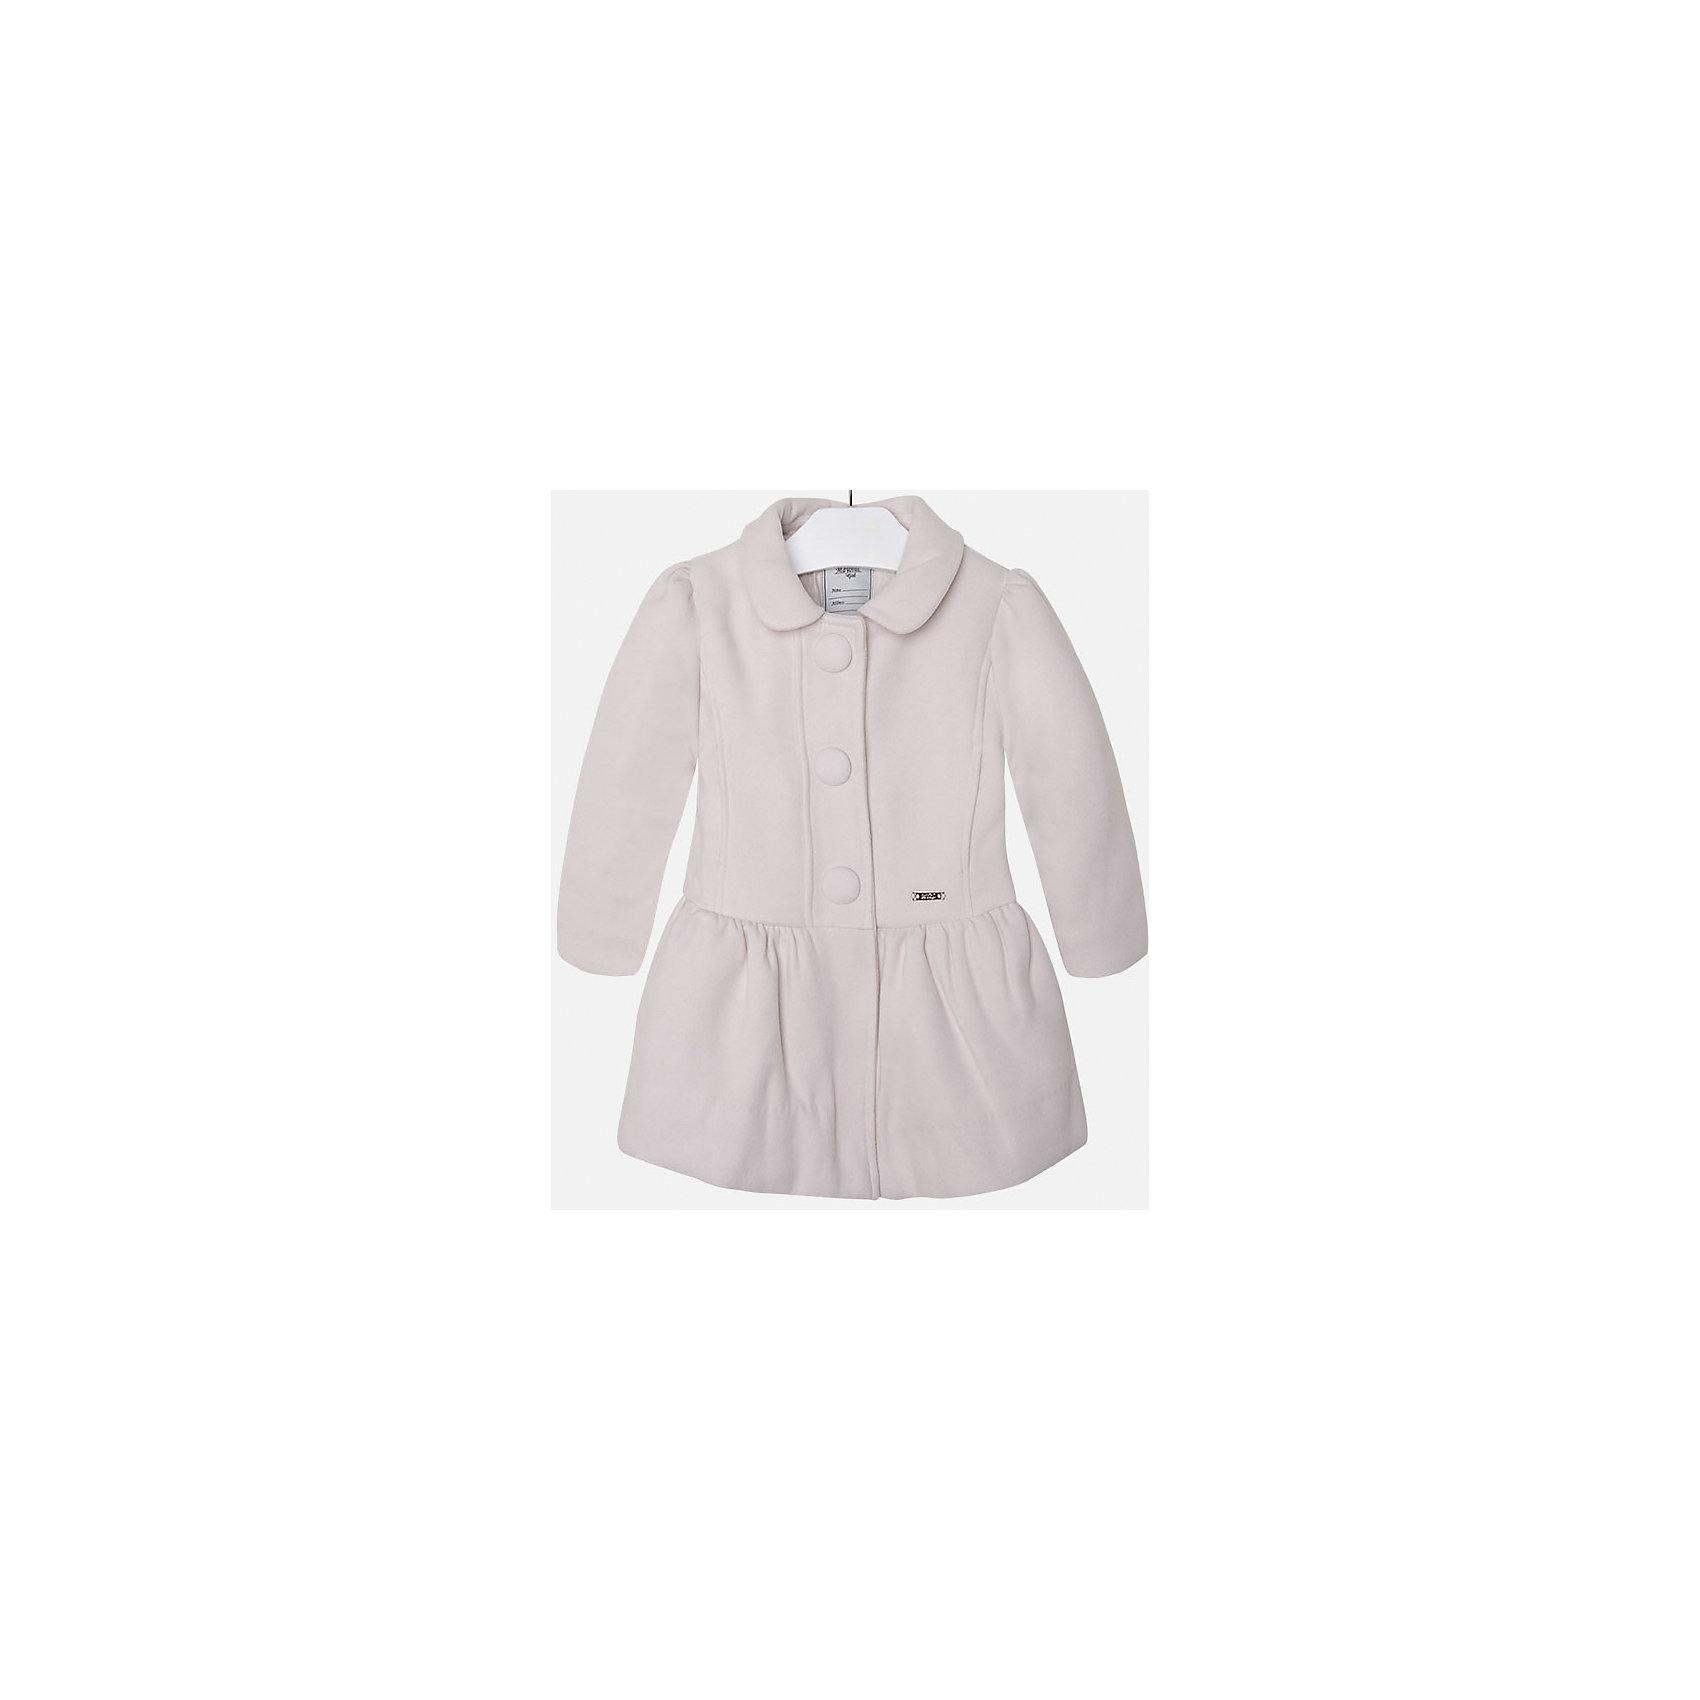 Пальто для девочки MayoralВерхняя одежда<br>Пальто для девочки из коллекции осень-зима 2016-2017 известного испанского бренда Mayoral (Майорал). Стильное и удобное светло-бежевое пальто классического покроя. Приталенный силуэт, откидной воротничок и модные крупные пуговки придутся по вкусу вашей моднице. Пальто застегивается на молнию и содержит синтепон как утеплитель, карманы отсутствуют. Пальто имеет качественный крой и маленькую пластинку с наименованием бренда на лицевой стороне спереди.<br><br>Дополнительная информация:<br>- Длина: удлиненная <br>- Силуэт: приталенный; прямой <br>- Утеплитель: синтепон<br>Состав: полиэстер 90%,вискоза 8%,эластан 2%<br><br>Пальто для девочки Mayoral (Майорал) можно купить в нашем интернет-магазине.<br><br>Подробнее:<br>• Для детей в возрасте: от 5 до 12 лет<br>• Номер товара: 4843843 <br>Страна производитель: Китай<br><br>Ширина мм: 356<br>Глубина мм: 10<br>Высота мм: 245<br>Вес г: 519<br>Цвет: бежевый<br>Возраст от месяцев: 72<br>Возраст до месяцев: 84<br>Пол: Женский<br>Возраст: Детский<br>Размер: 122,98,134,104,128,110,116<br>SKU: 4843842